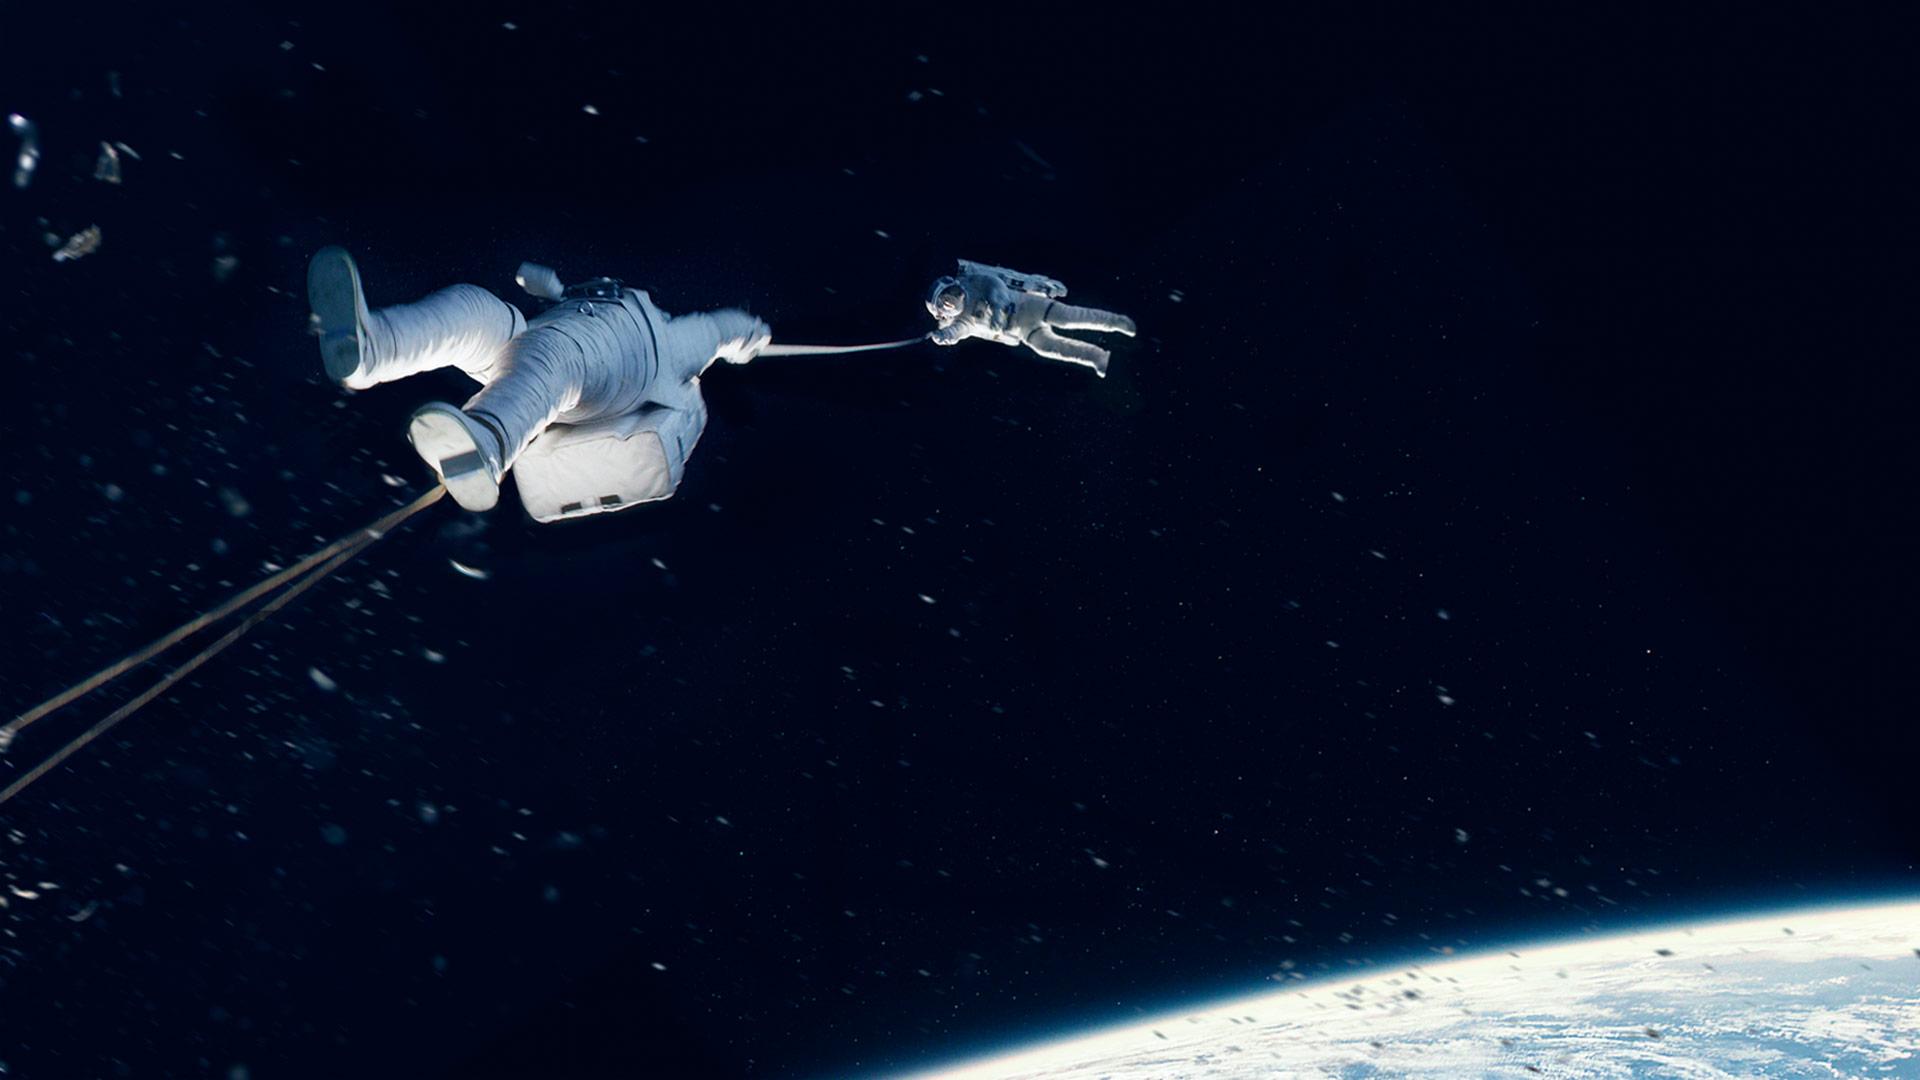 Гравитация смотреть фото